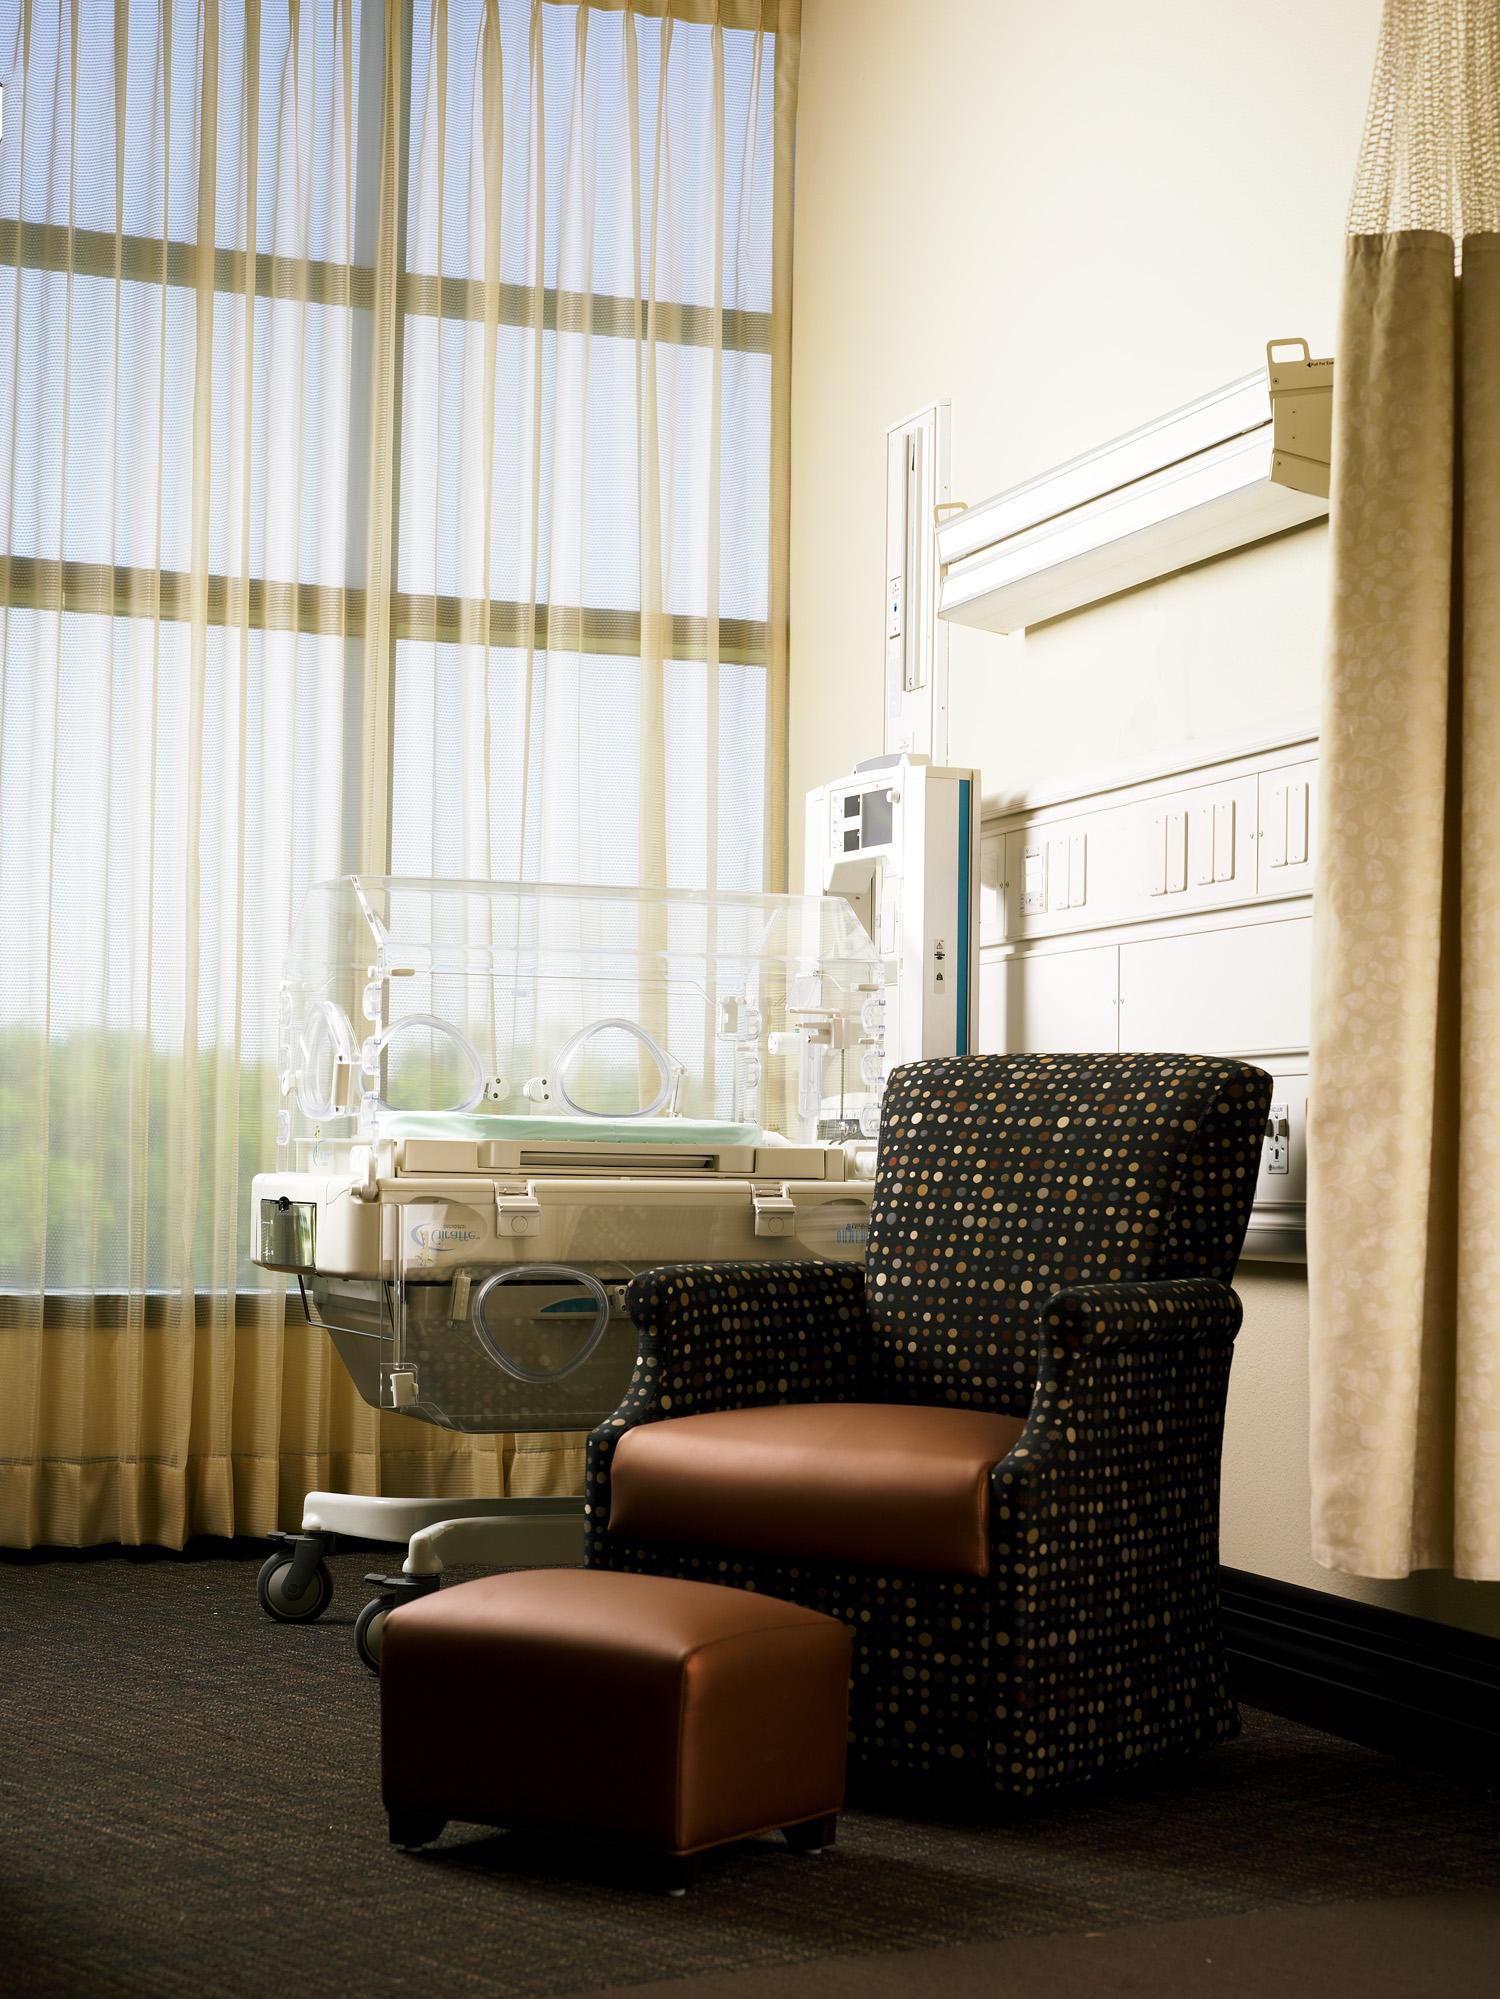 nicu patient room.jpg